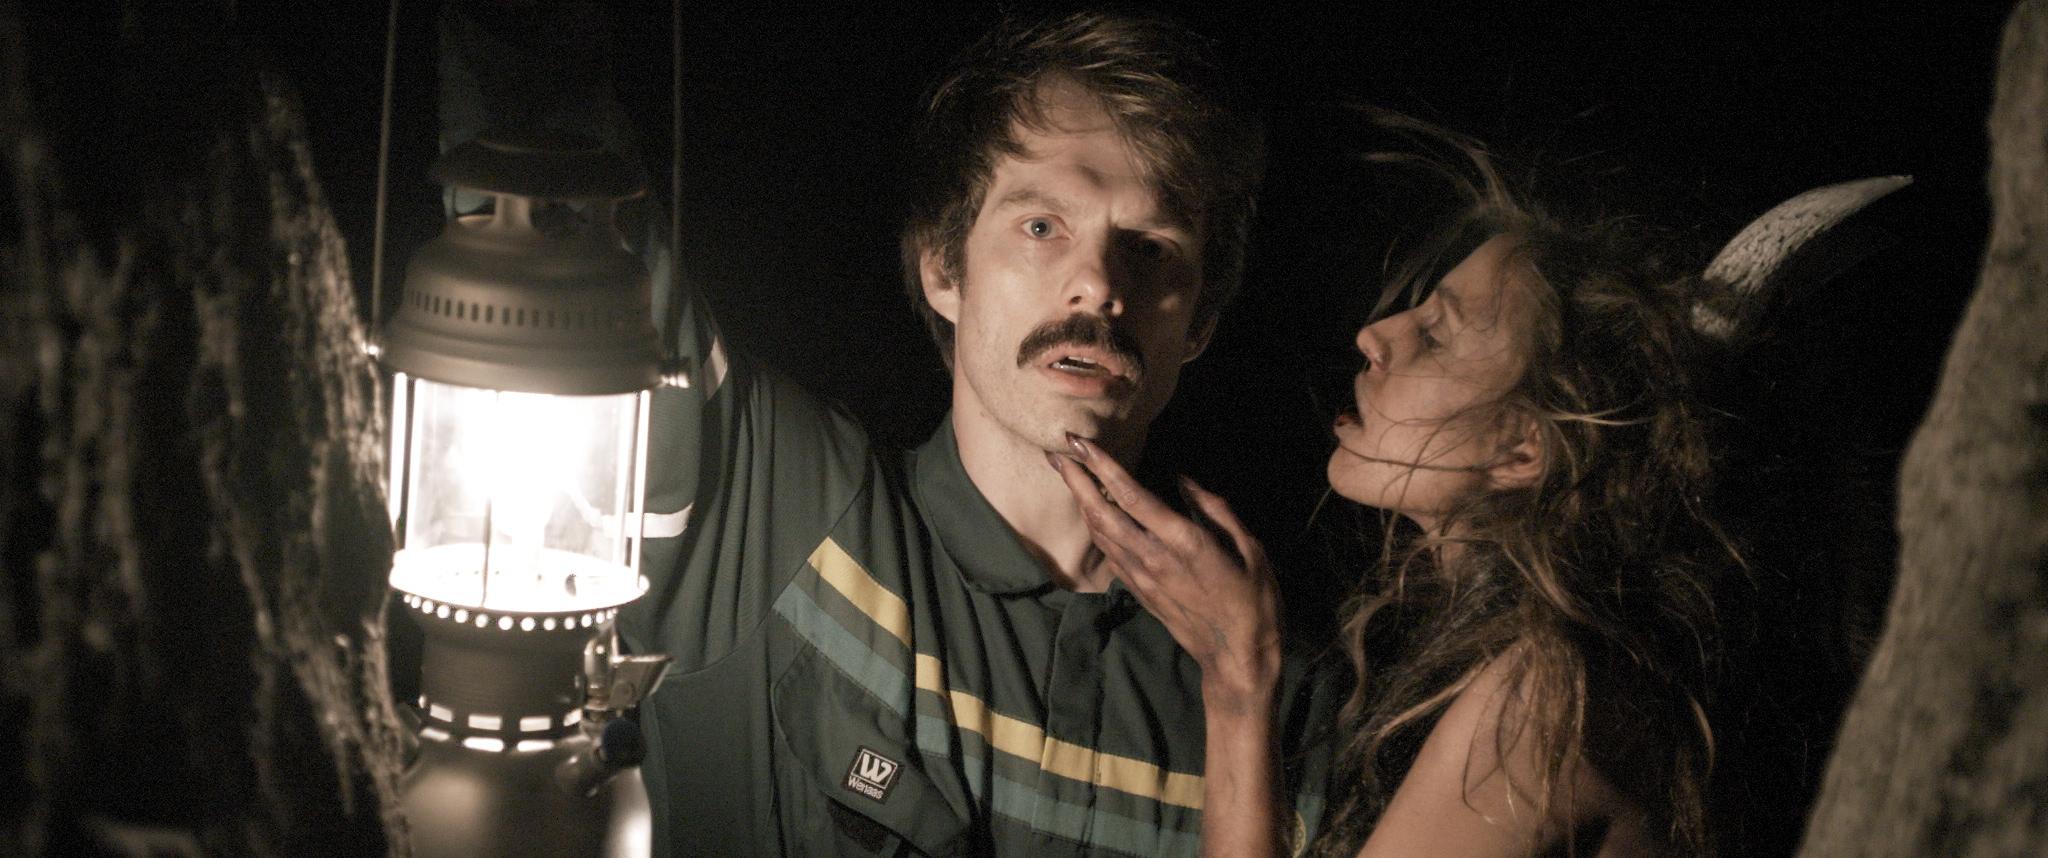 Den seksualfrustrerte Vidar fra Jæren (Thomas Aske Berg) forvandles til en vampyr som glefser i seg kvinnekjøtt. Her lokkes han av en demon (Isabella Cau).